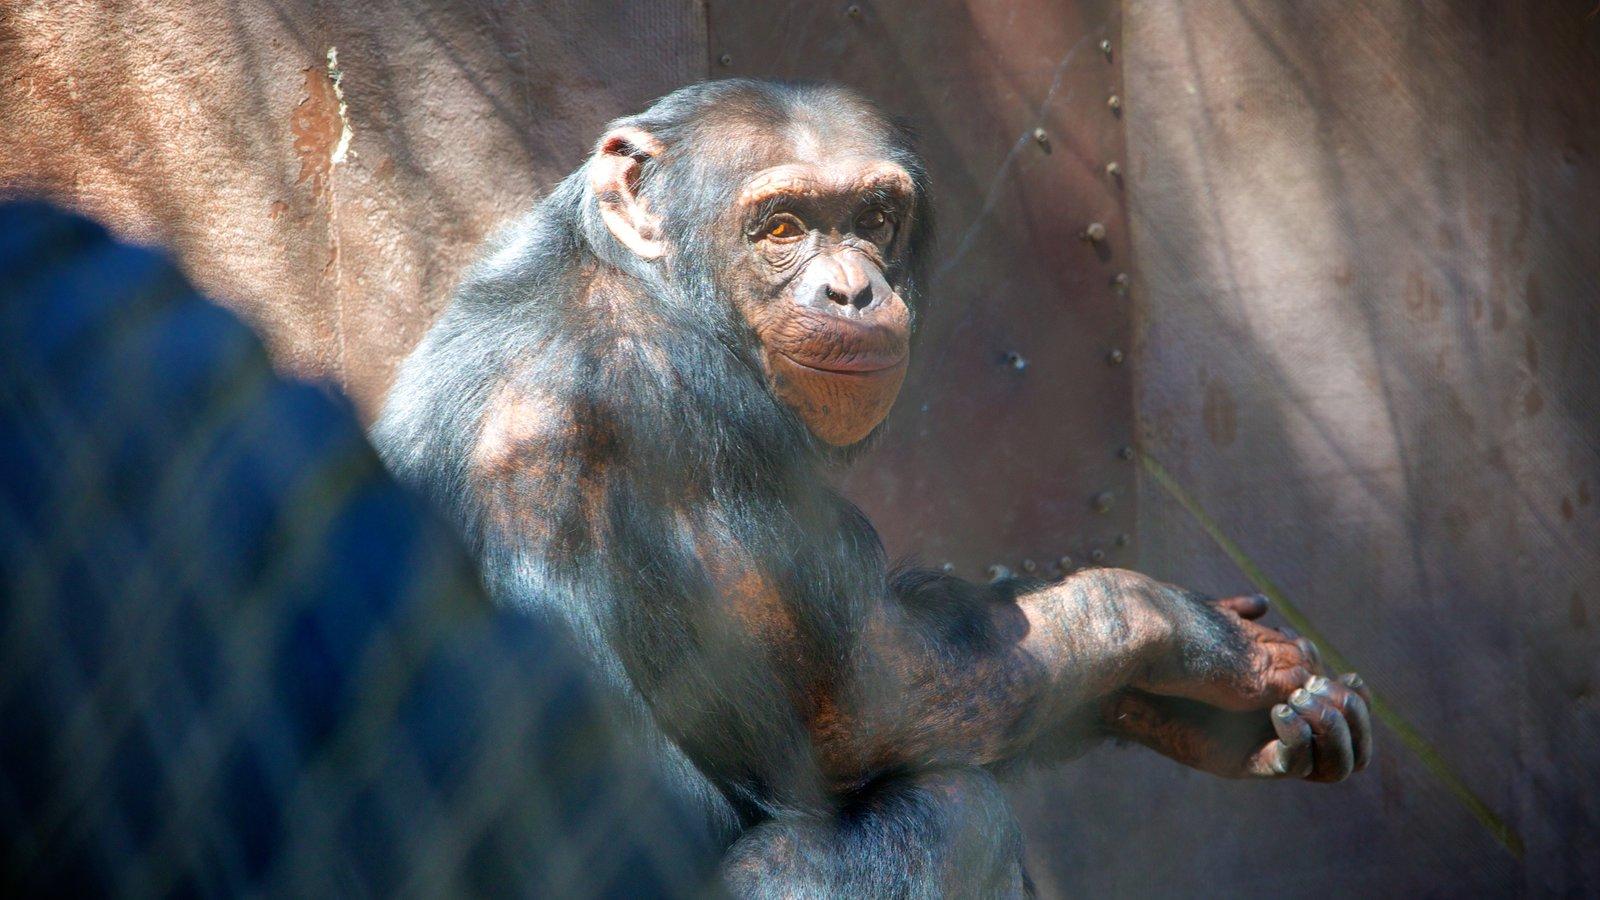 West Coast Game Park Safari mostrando animais de zoológico e animais fofos ou amigáveis